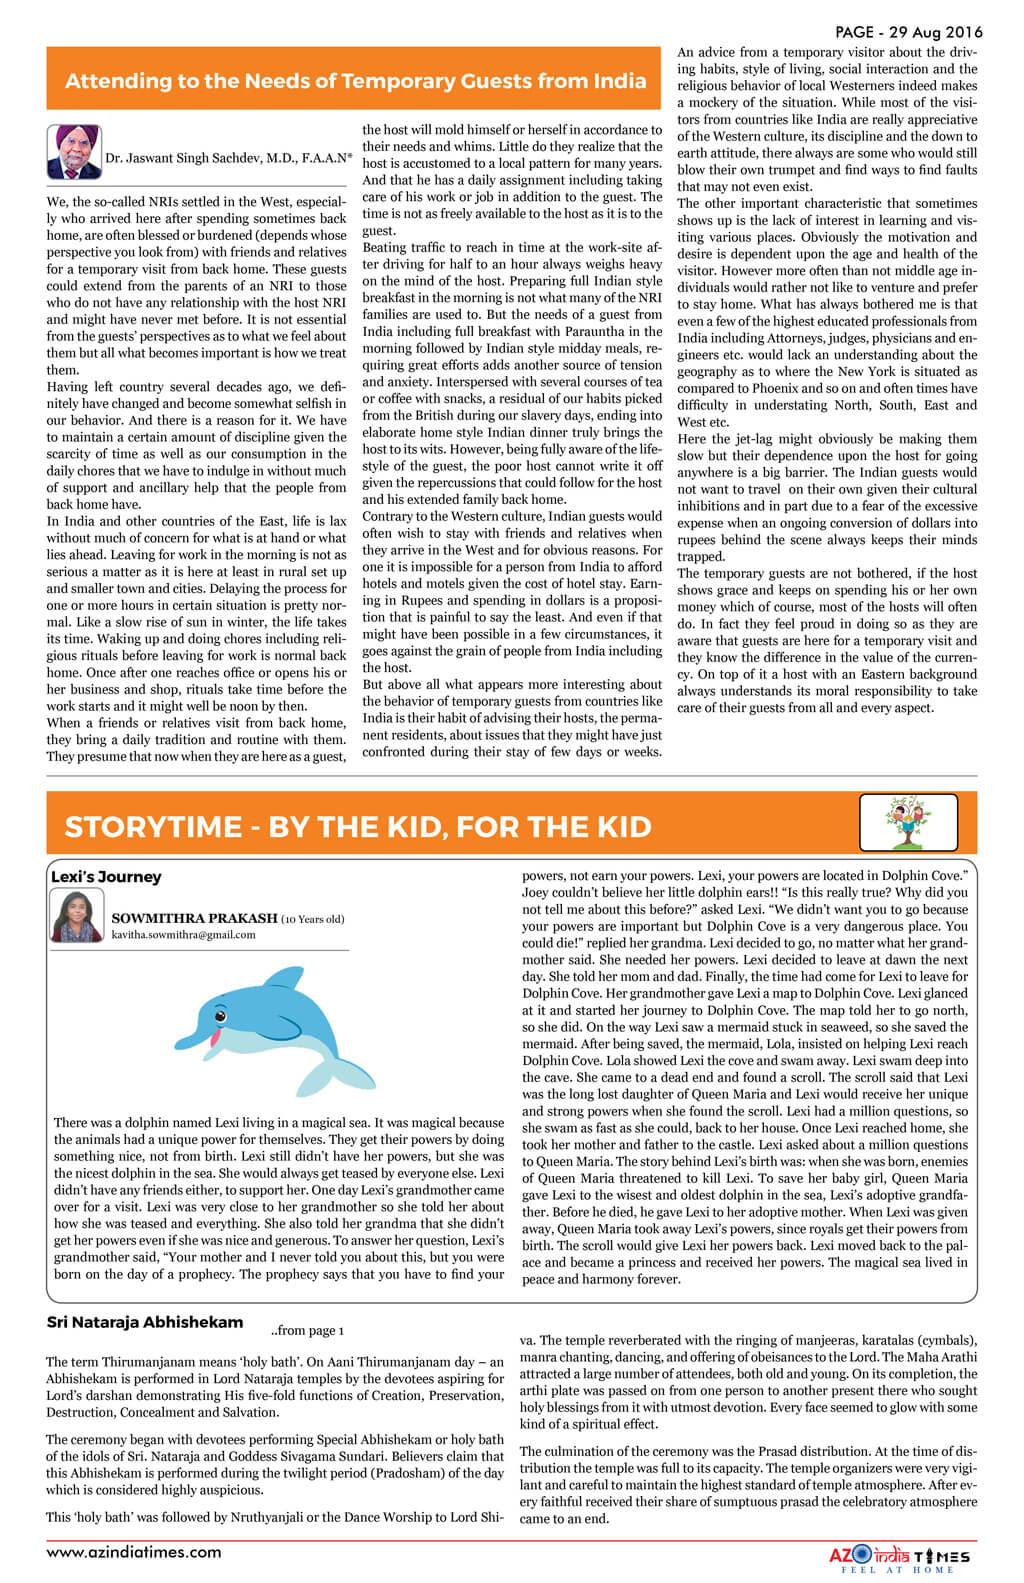 az-india-times29